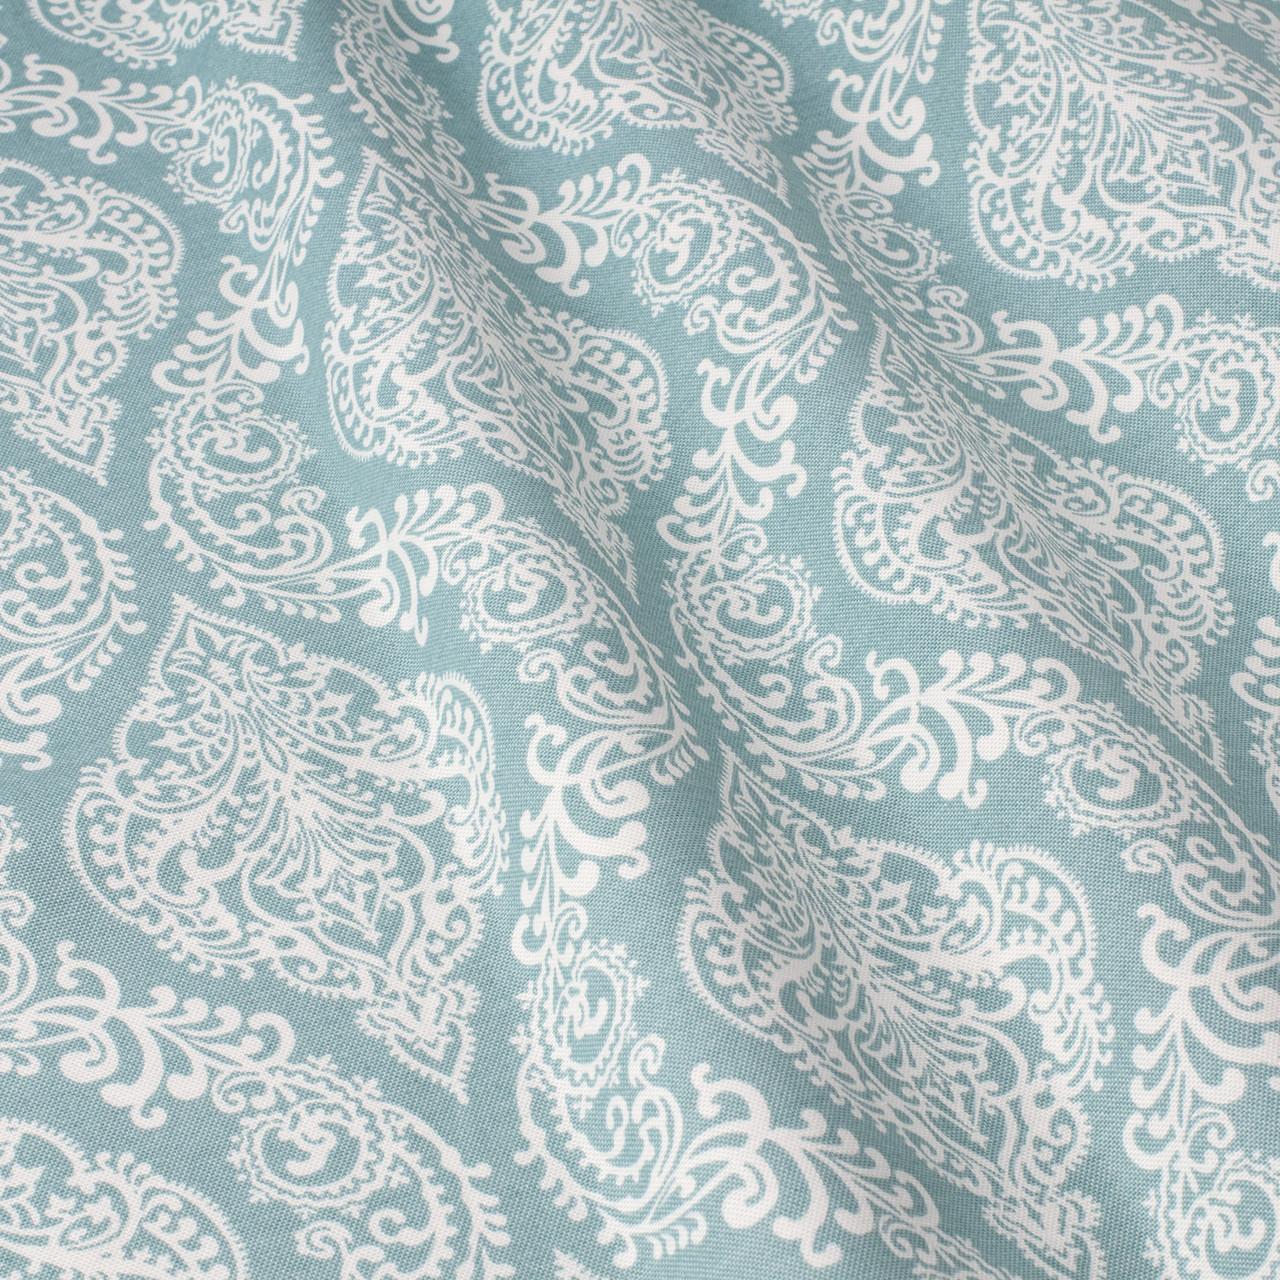 Декоративная ткань белые узоры на голубом фоне Турция 84586v7